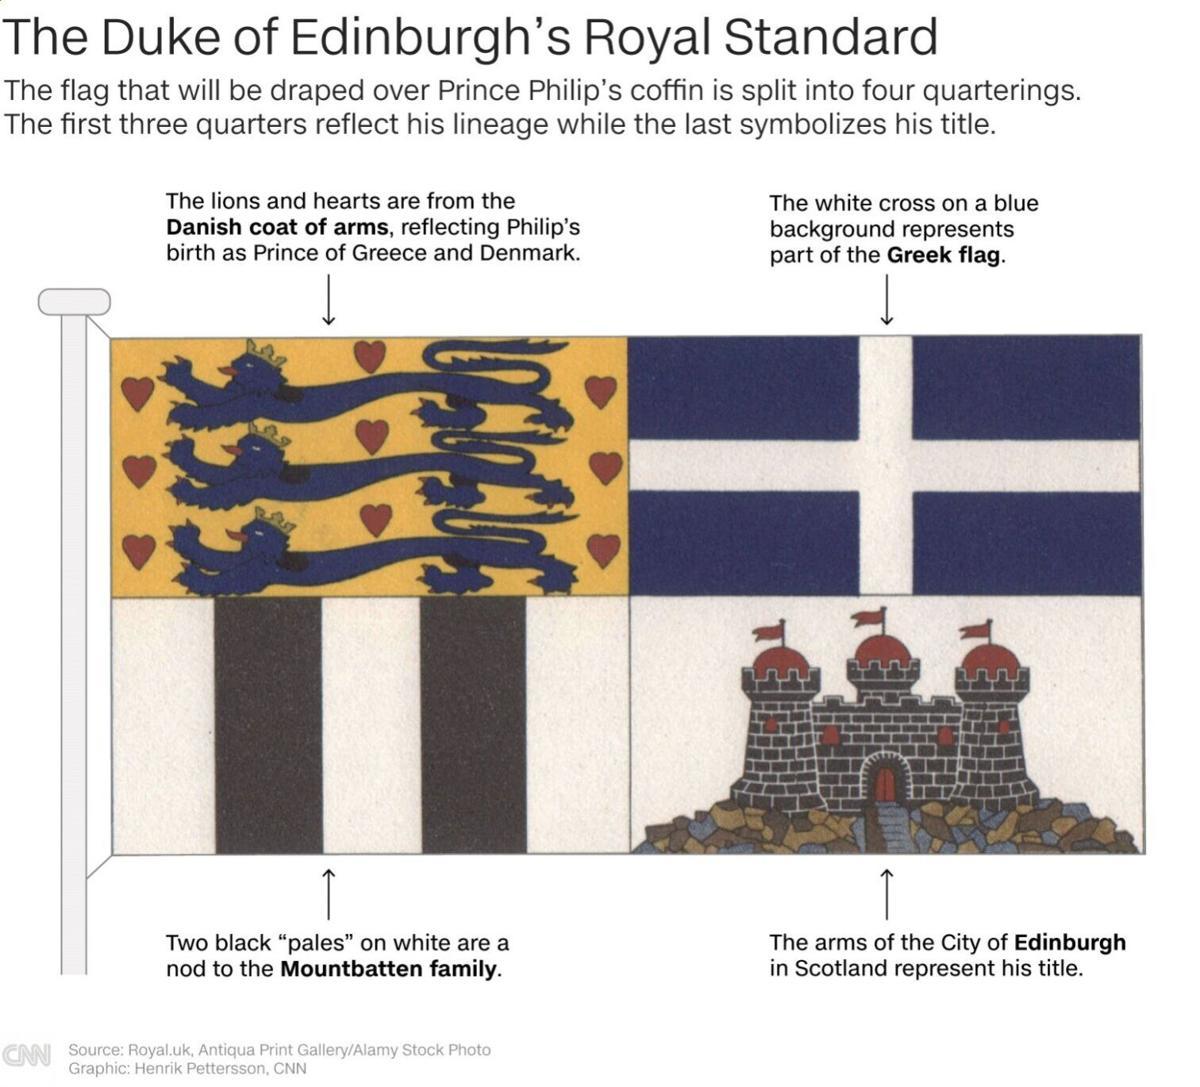 The Duke of Edinburgh's Royal Standard